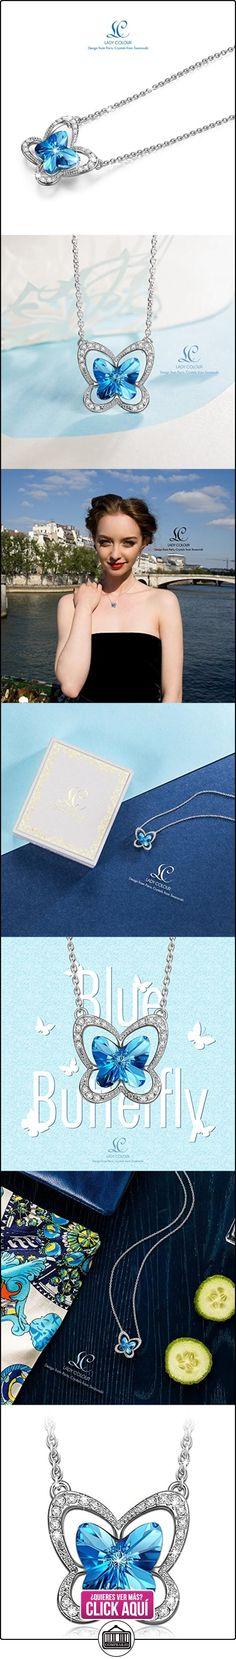 Lady colour Mariposa Collar mujer con cristales de Swarovski azul joyeria colgante regalos cumpleanos regalos dia de la madre regalos de san valentin regalos de Navidad color plata  ✿ Joyas para mujer - Las mejores ofertas ✿ ▬► Ver oferta: https://comprar.io/goto/B01DILCIVG